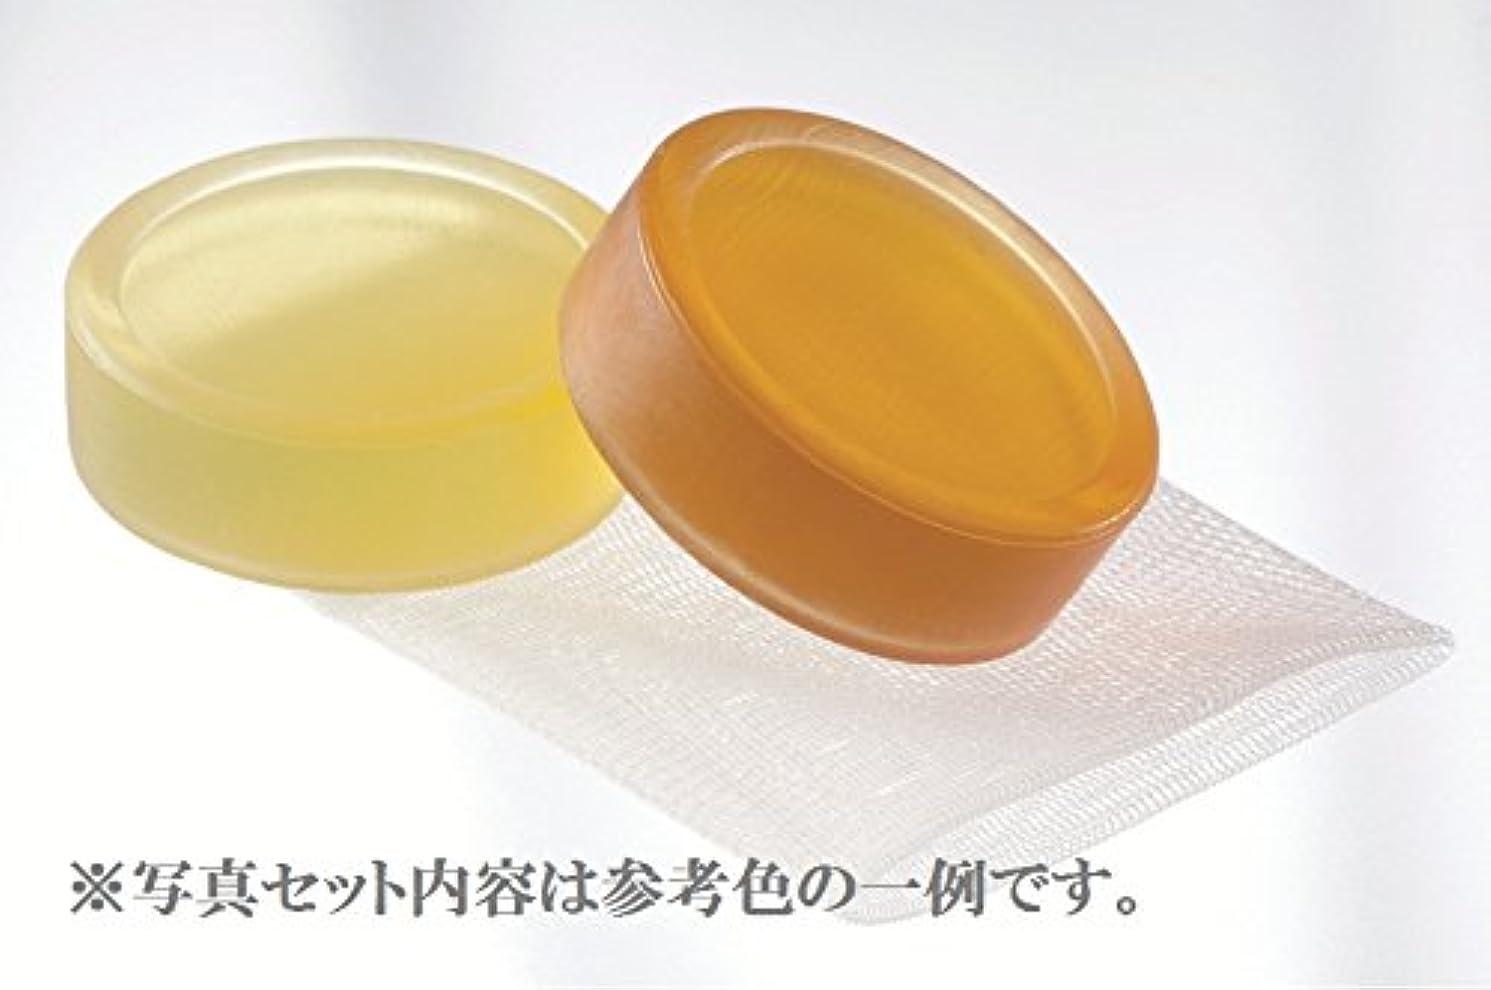 買い手応用床職人の手仕事 透明手作り石鹸 泡立てネット付 (1セット2個組)